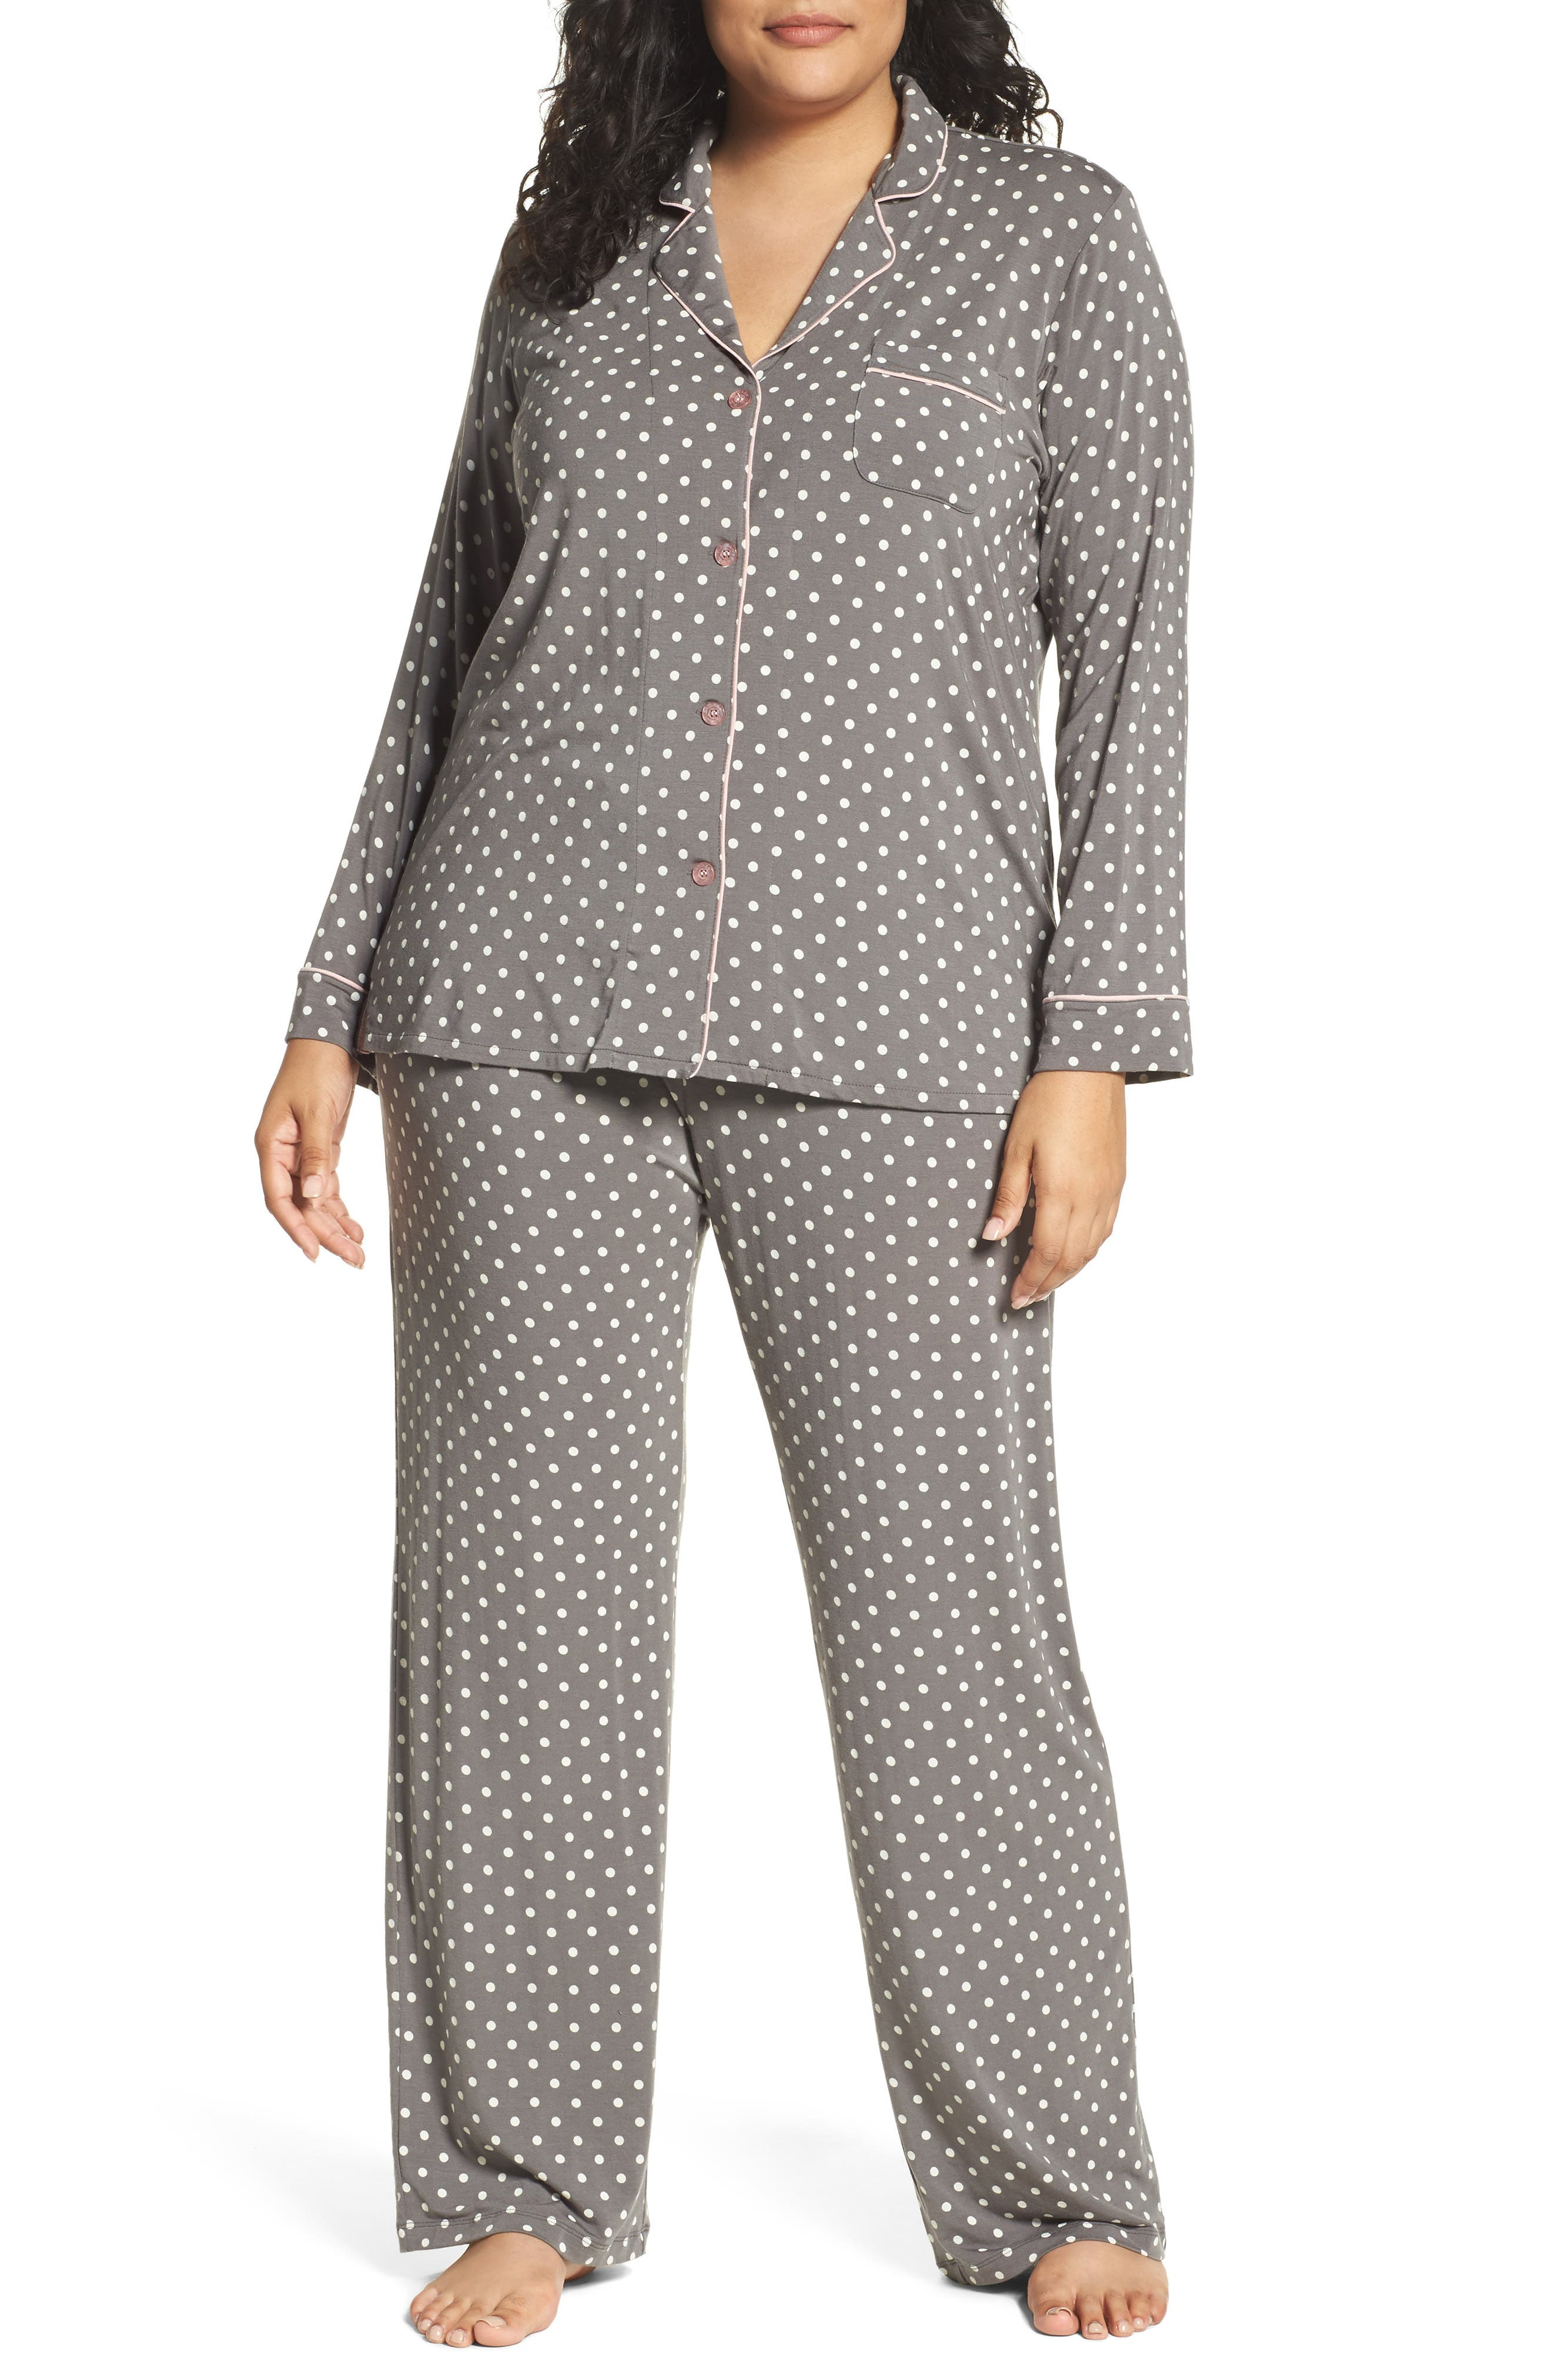 Polka Dot Pajamas,                             Main thumbnail 1, color,                             Charcoal